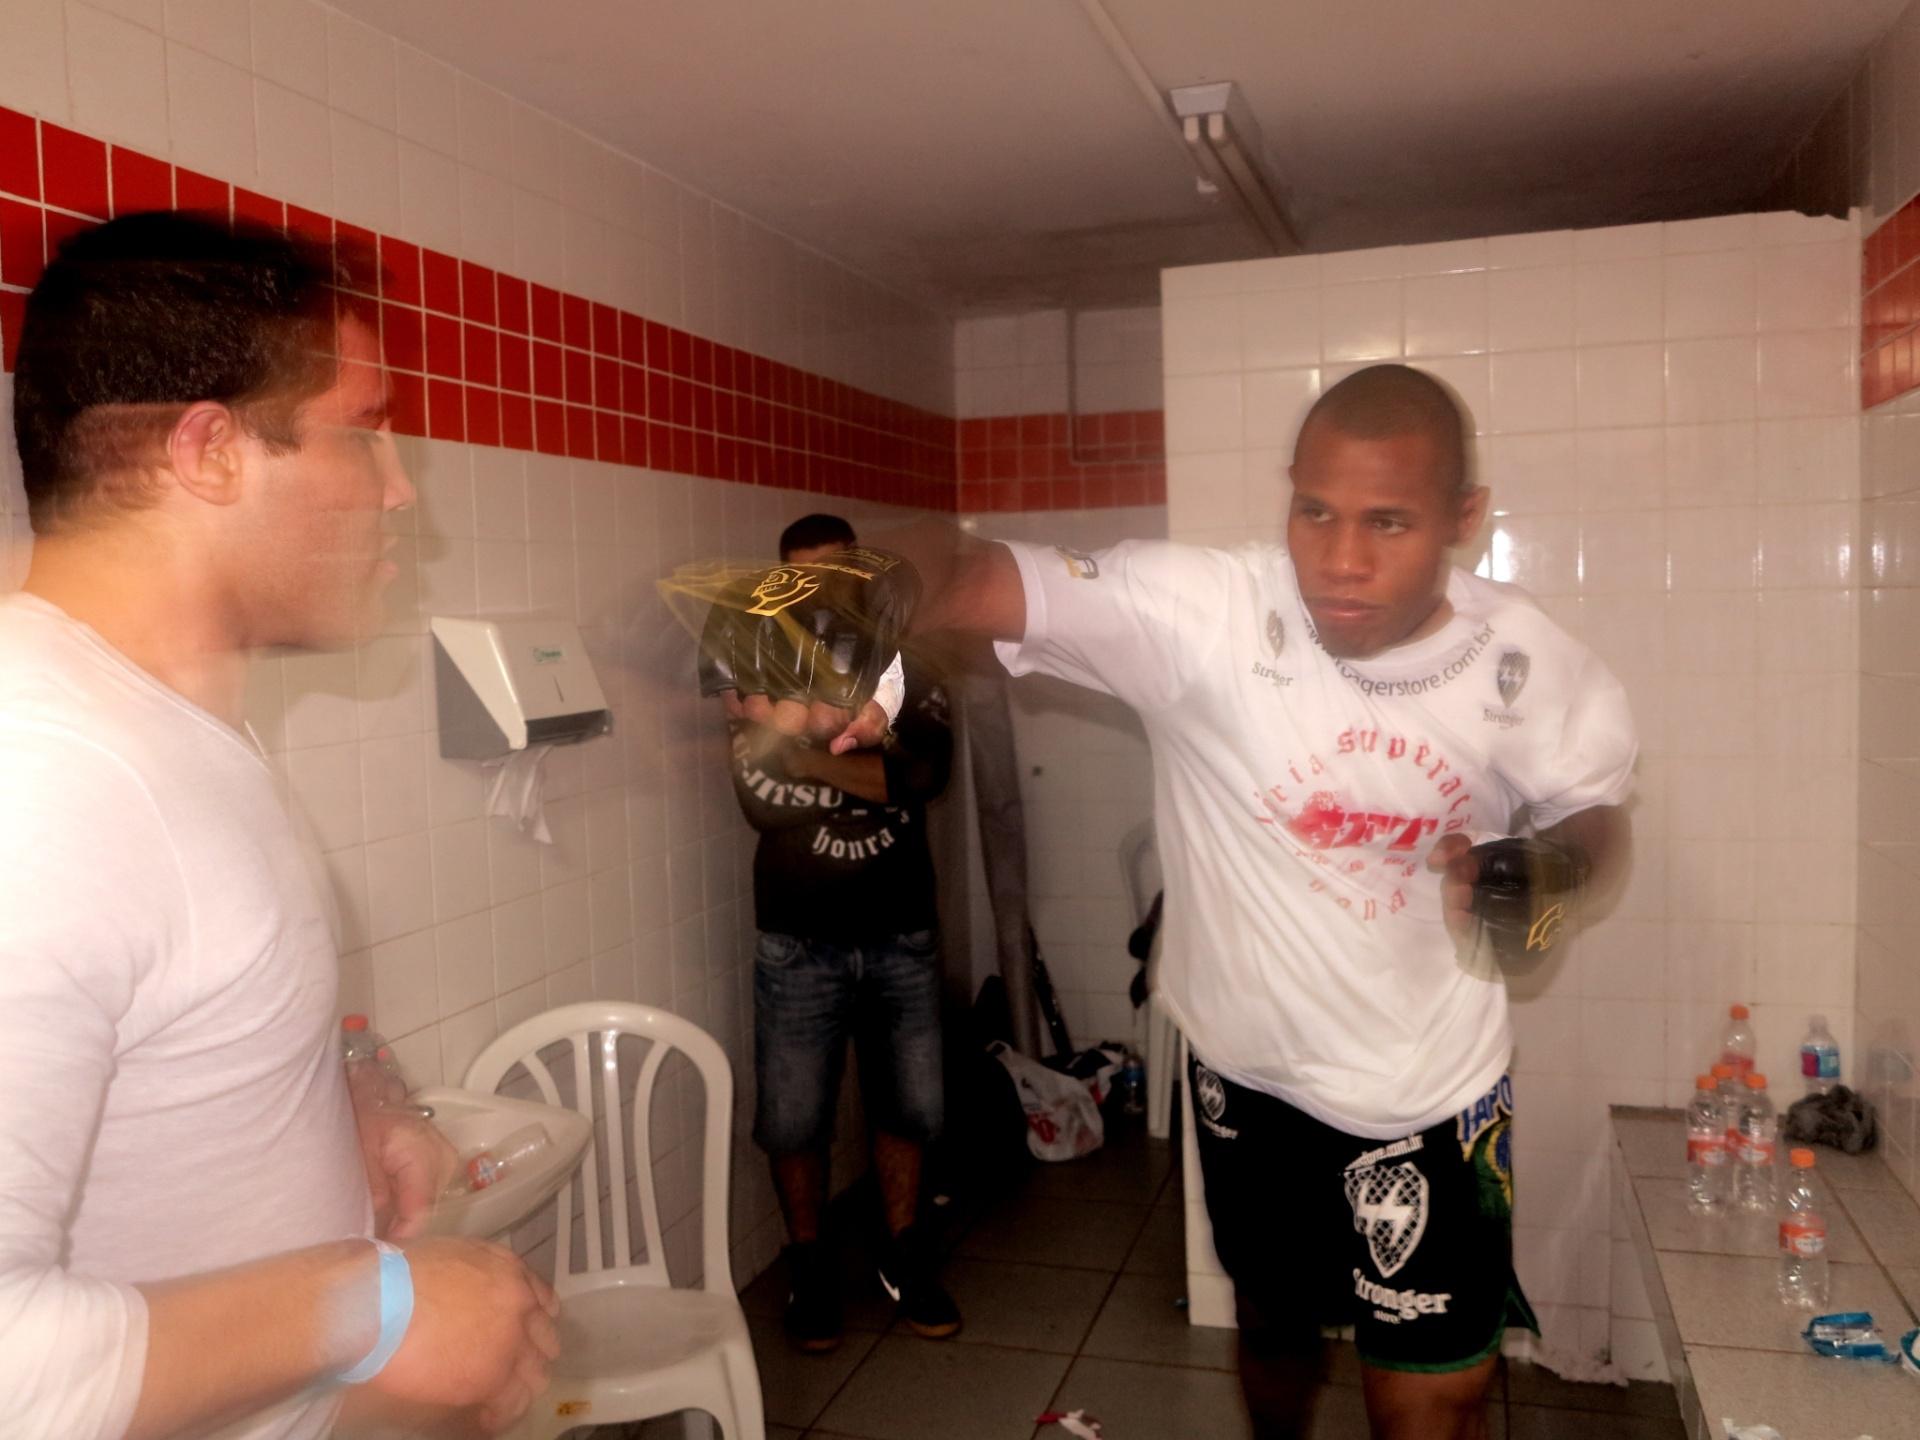 Acácio Pequeno passa pelo processo de desidratação antes da pesagem para lutar no MMA